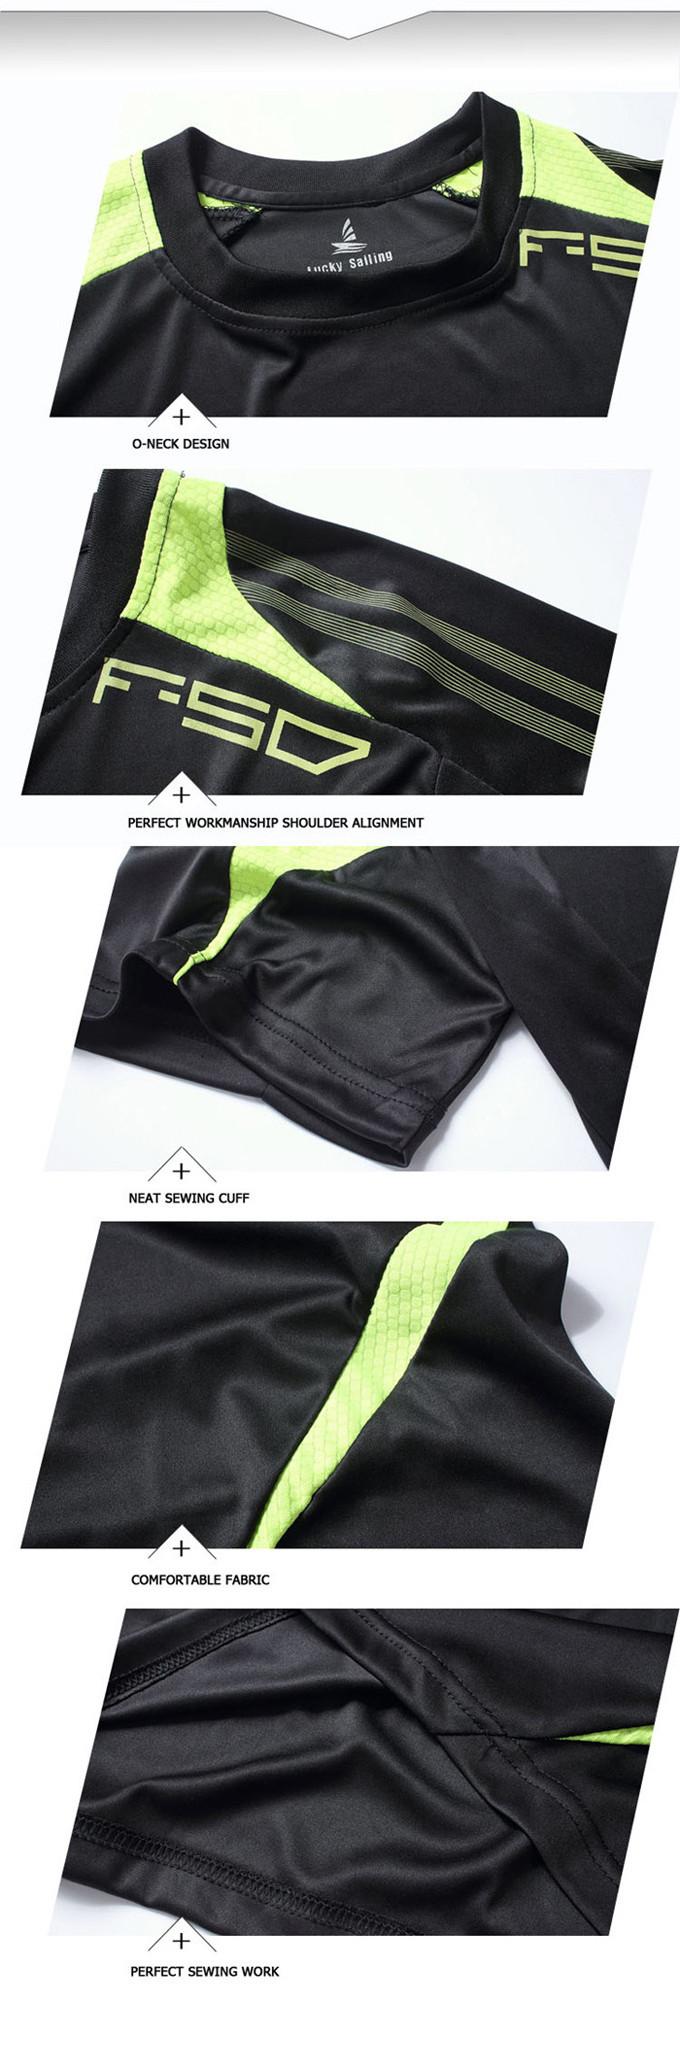 מזל הפלגה הטוב ביותר בתאילנד איכות חם מכירה 2015 ריצה חולצה יבש מהירה מקרית חולצות Tees&מקסימום Slim Fit ספורט חולצה